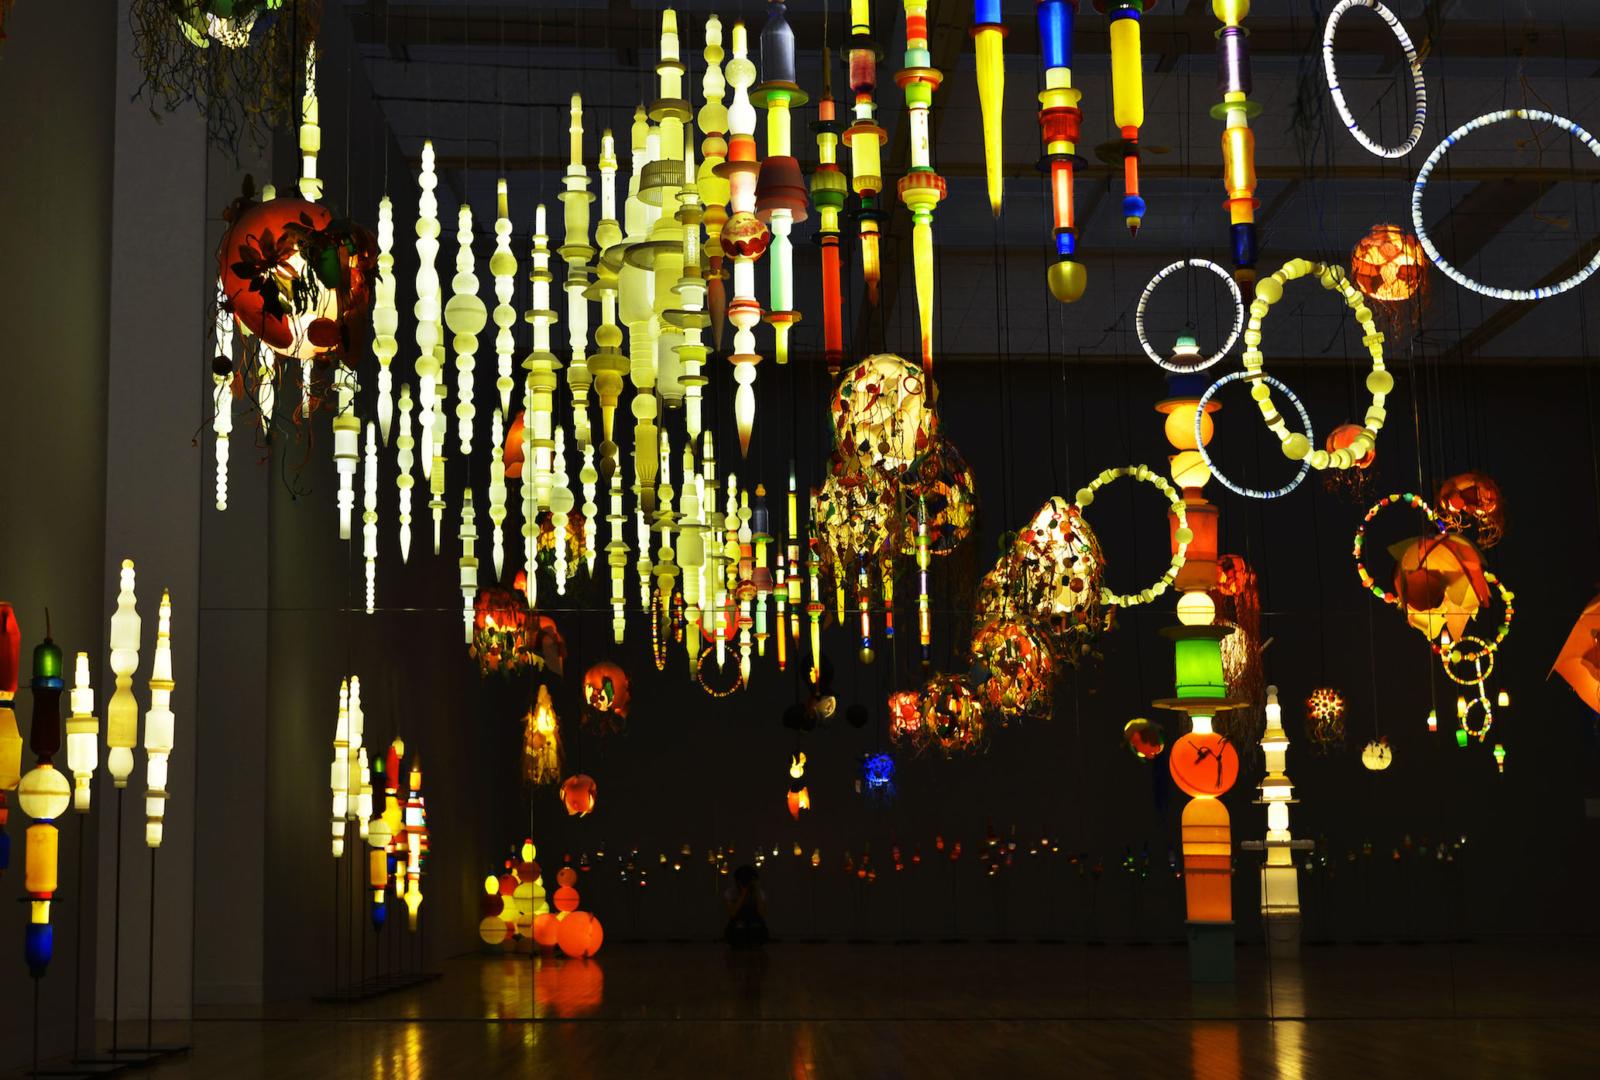 (写真について)《ヨーガン レールの最後の仕事》2011-2014 「おとなもこどもも考える ここはだれの場所?」(東京都現代美術館、2015)展示風景【参考画像】